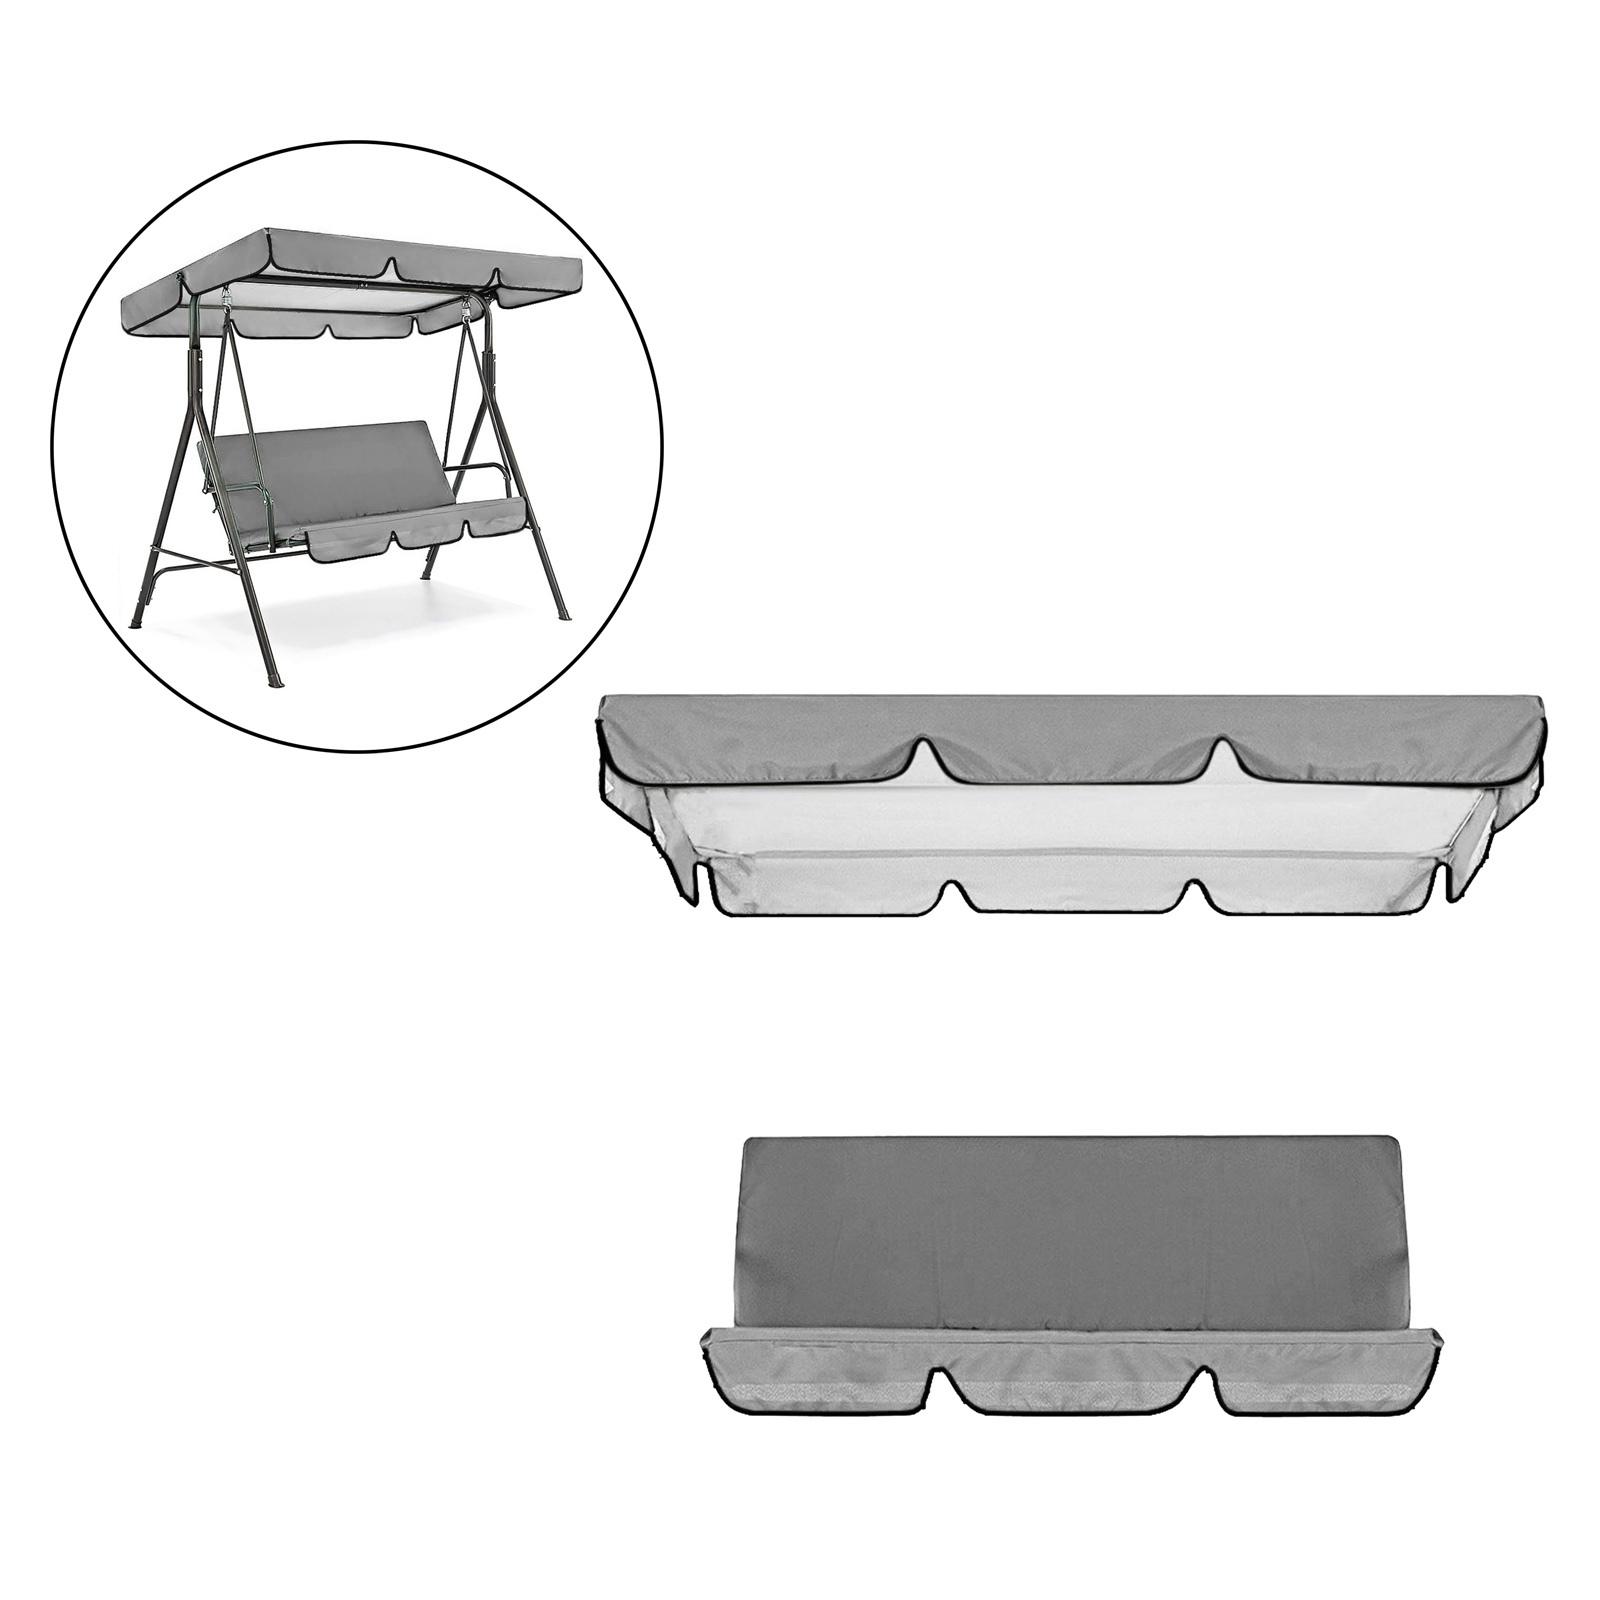 miniatura 36 - Sostituzione della copertura della sedia a dondolo da esterno per patio,